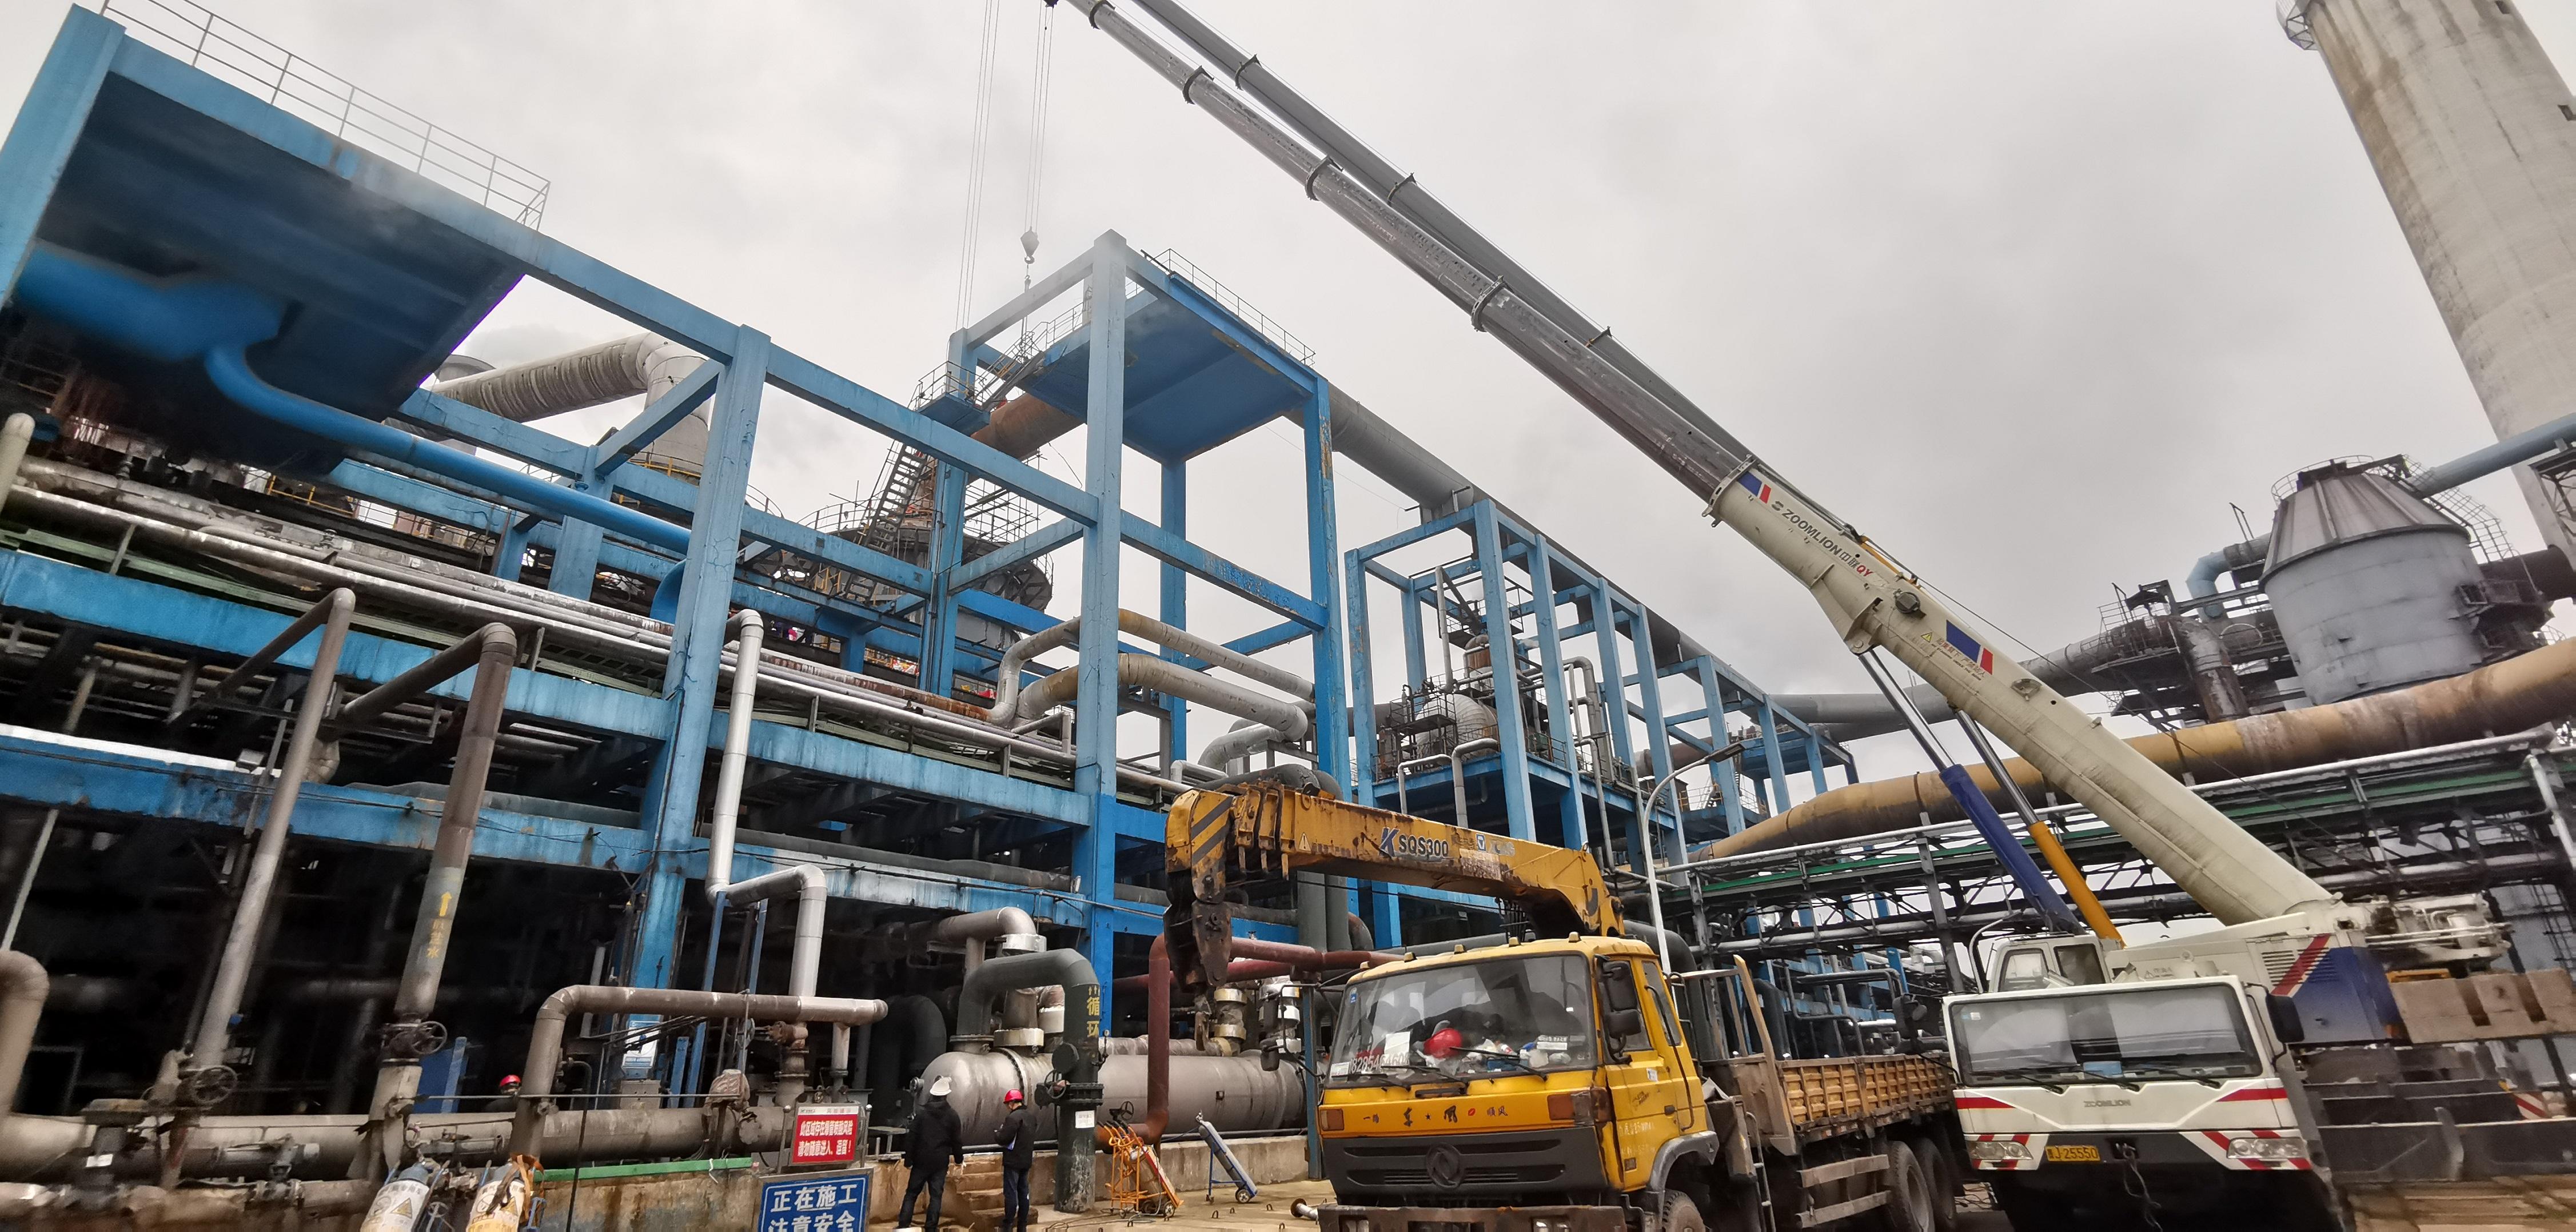 瓮福2×40万吨/年硫铁矿制酸低温热能回收总承包项目顺利开车成功